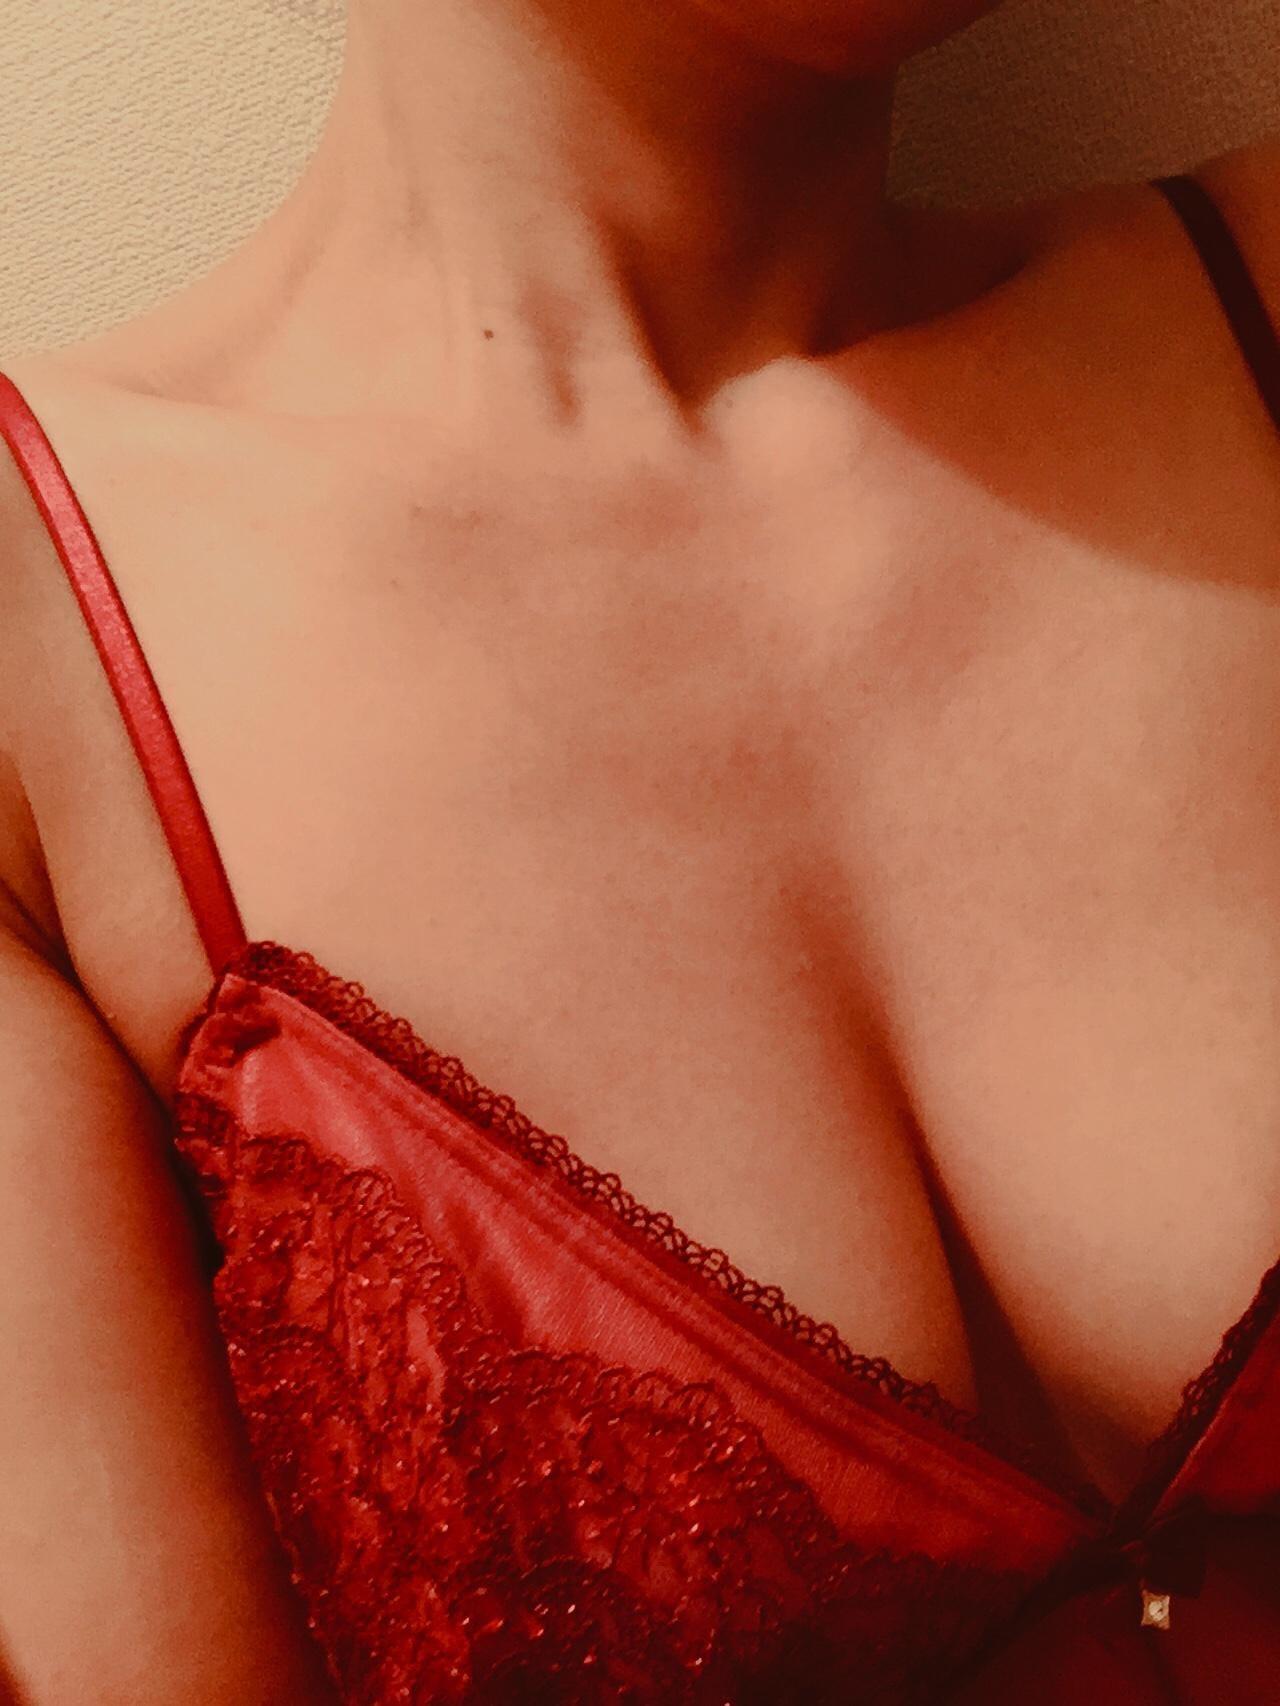 「りょうです♪」02/16(土) 23:07 | りょう【超美人巨乳奥様】の写メ・風俗動画